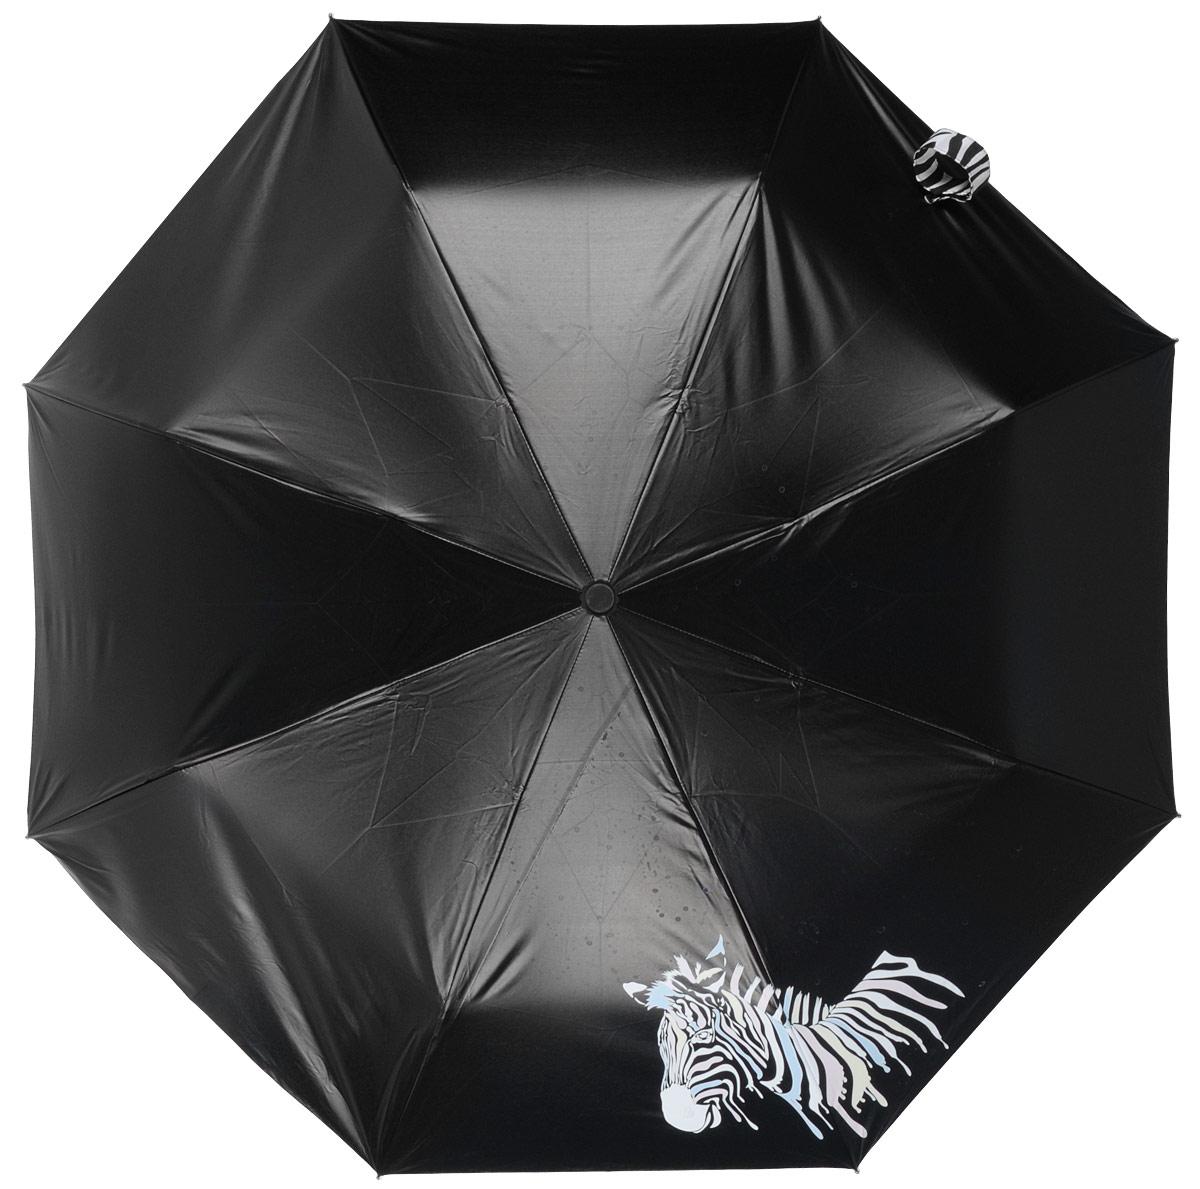 Зонт Эврика Зебра, цвет: черный, белый. 97835CX1516-50-10Оригинальный зонт из непромокаемого водонепроницаемого материала со специальным нанесением (рисунок) , при воздействии влаги рисунок меняет цвет.Красочная подарочная упаковка, размер упаковки 28х7х7 см, материал картон.